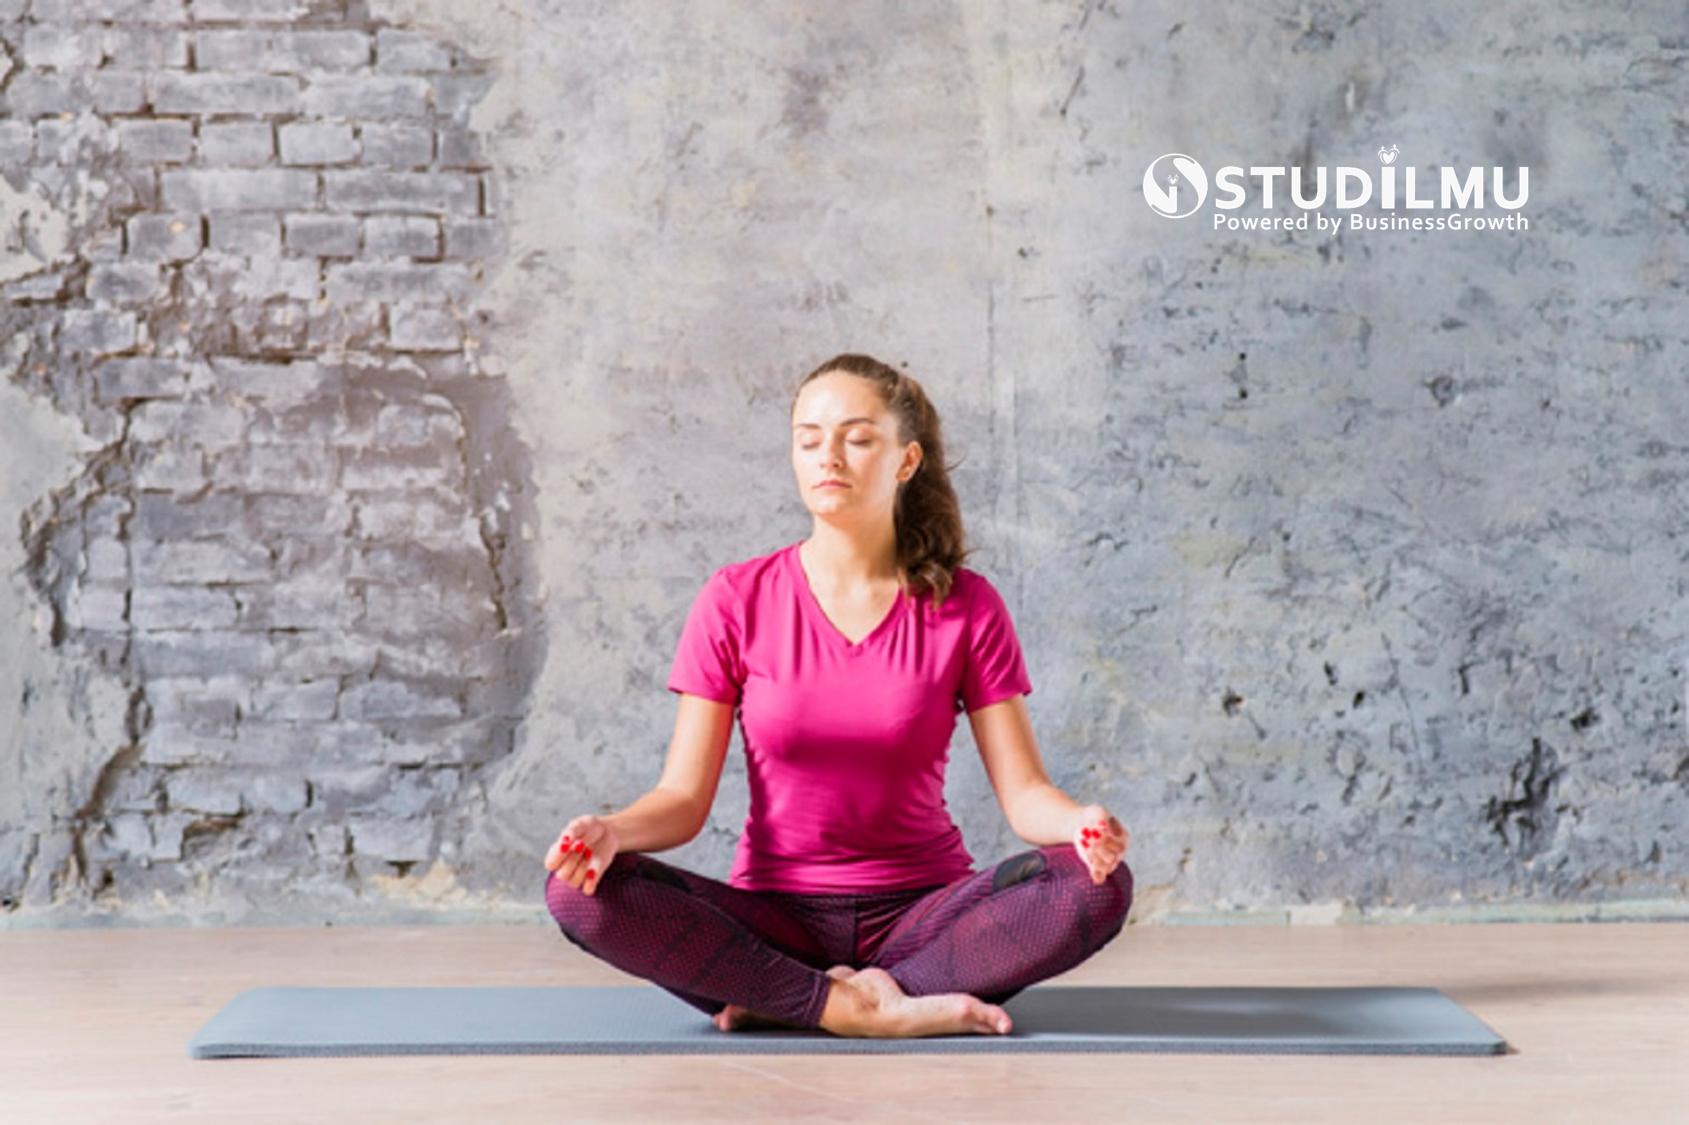 STUDILMU Career Advice - Meditasi adalah Awal yang Baik untuk Memulai Hari